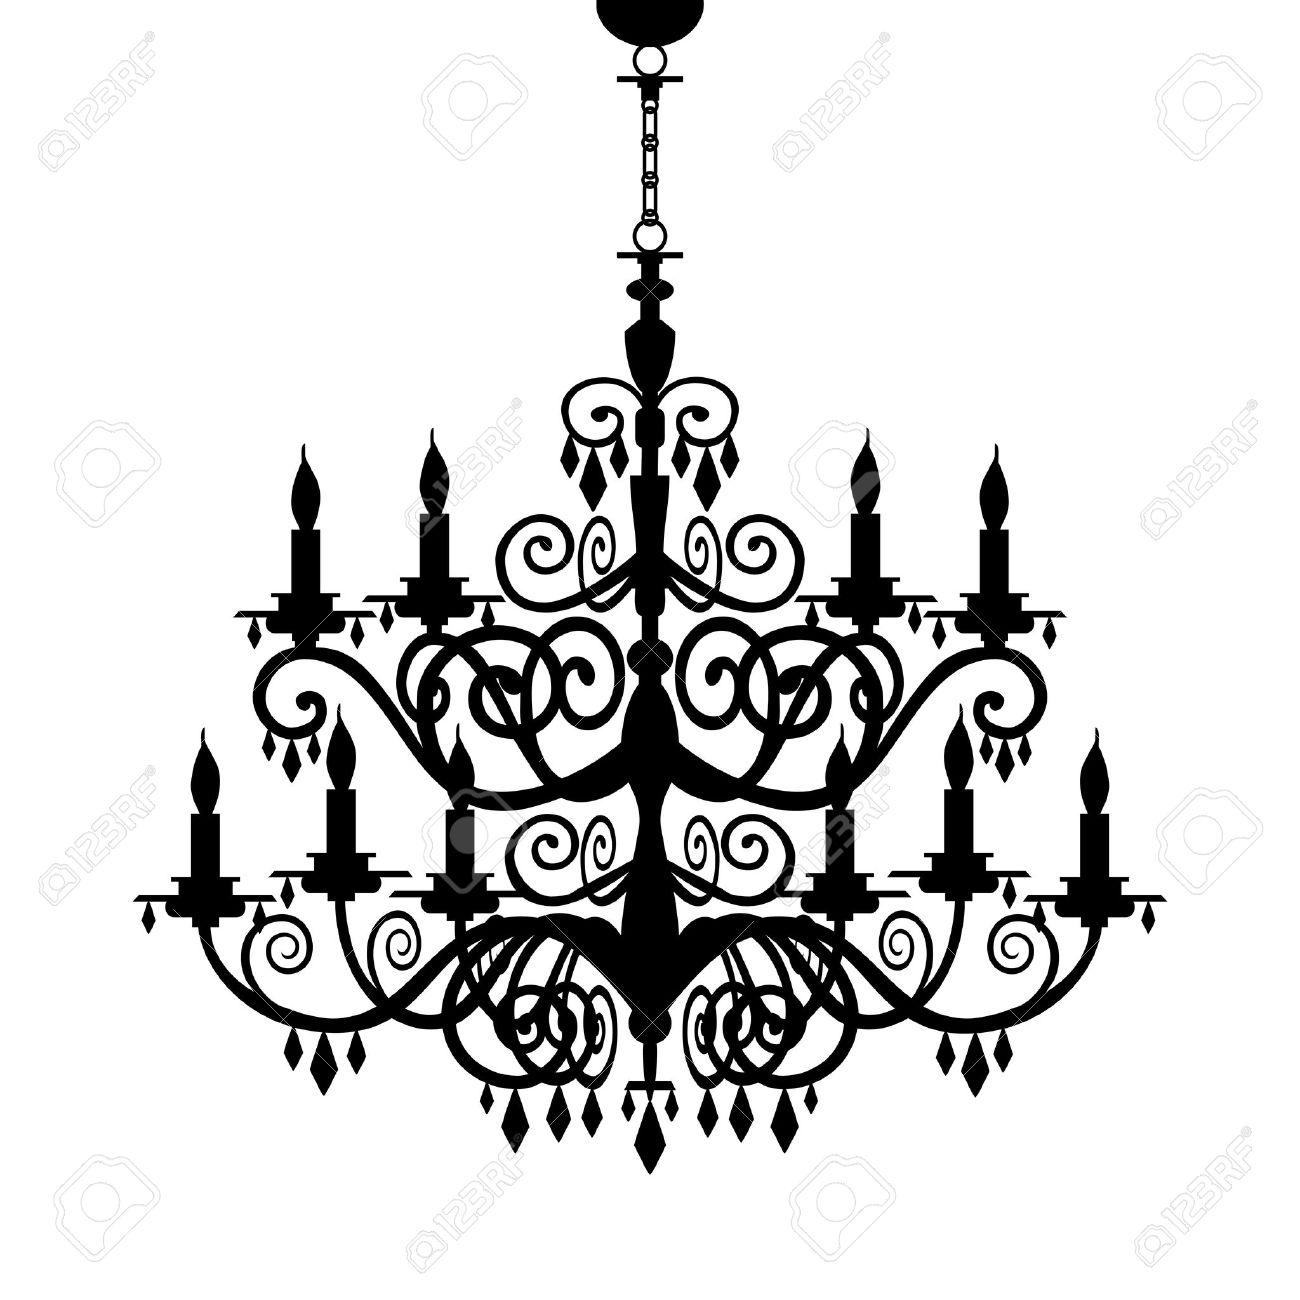 バロック式のシャンデリアのシルエットのイラスト素材ベクタ Image